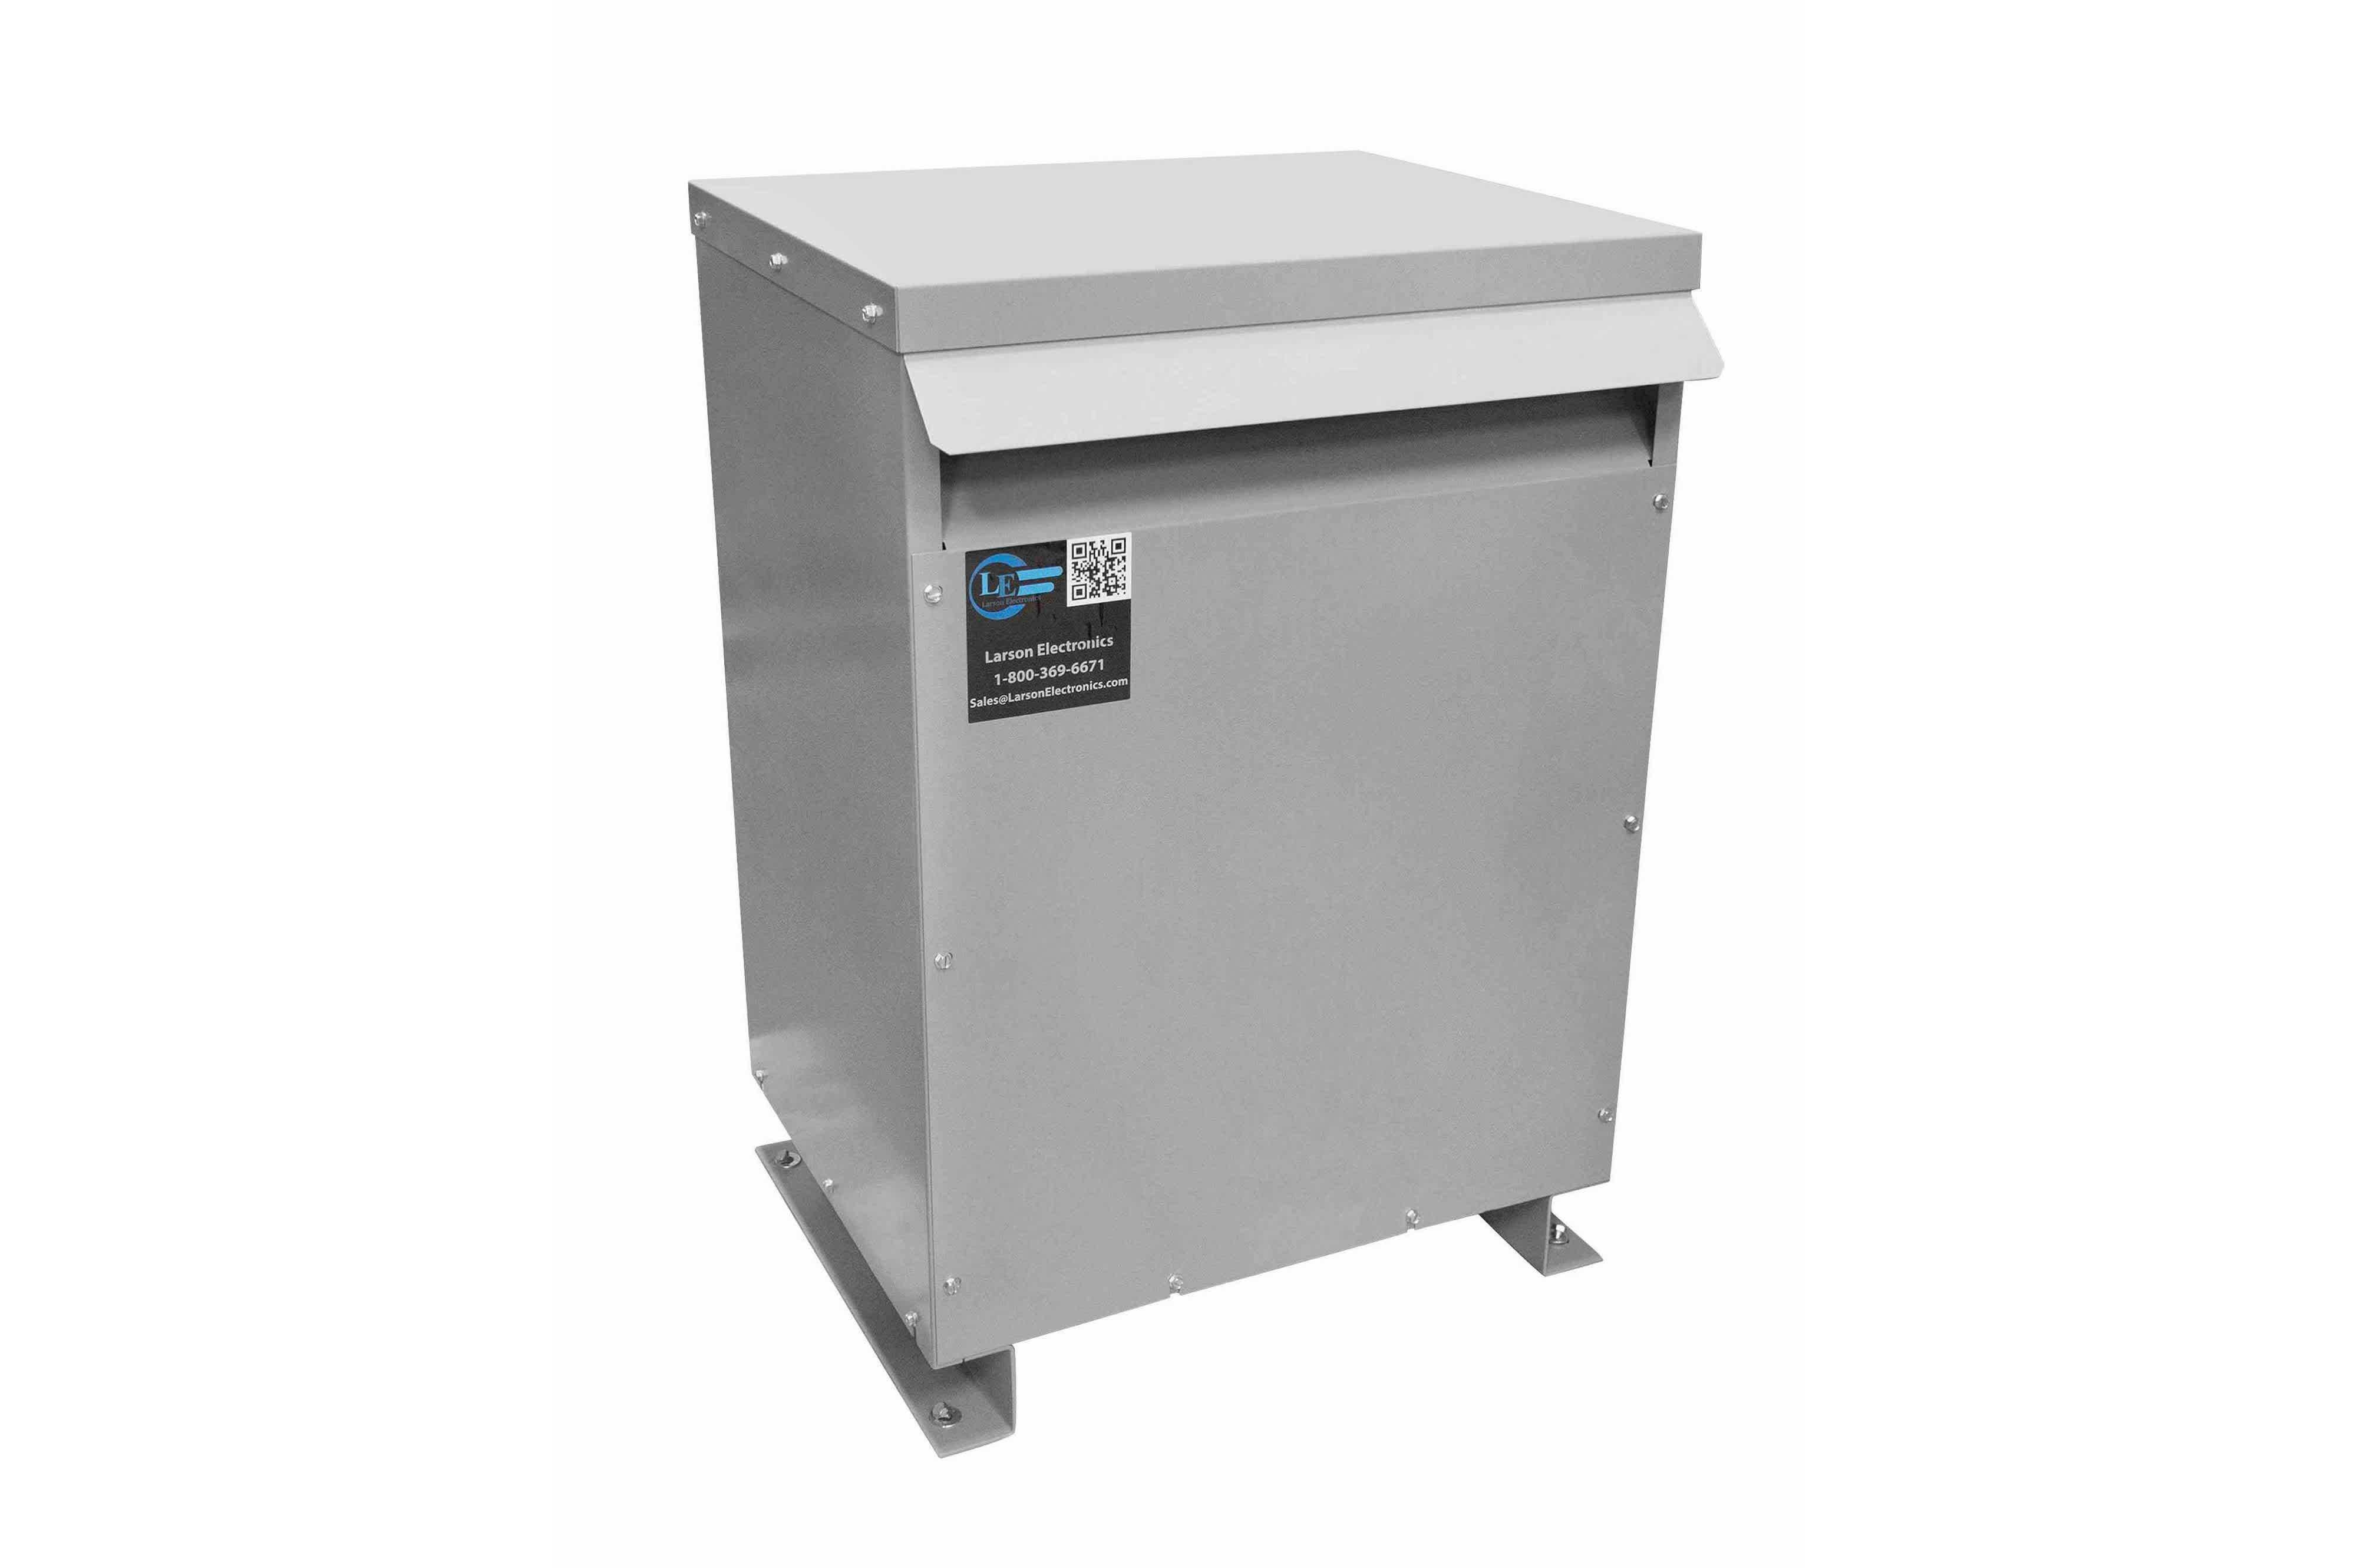 13 kVA 3PH Isolation Transformer, 600V Delta Primary, 460V Delta Secondary, N3R, Ventilated, 60 Hz